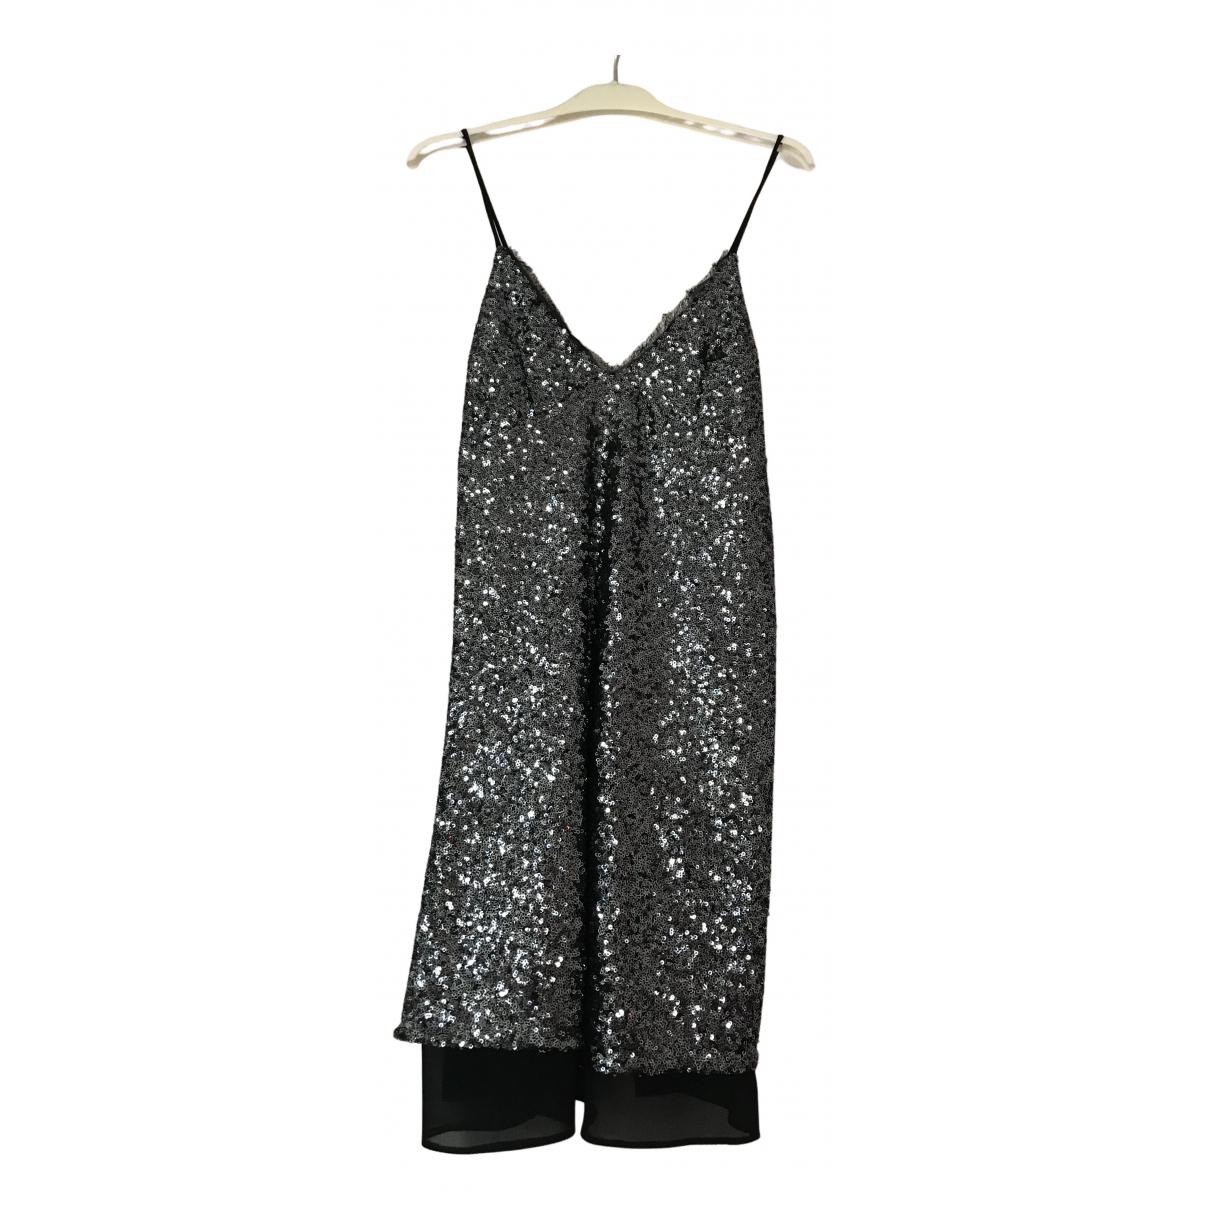 Zara \N Kleid in  Grau Mit Pailletten